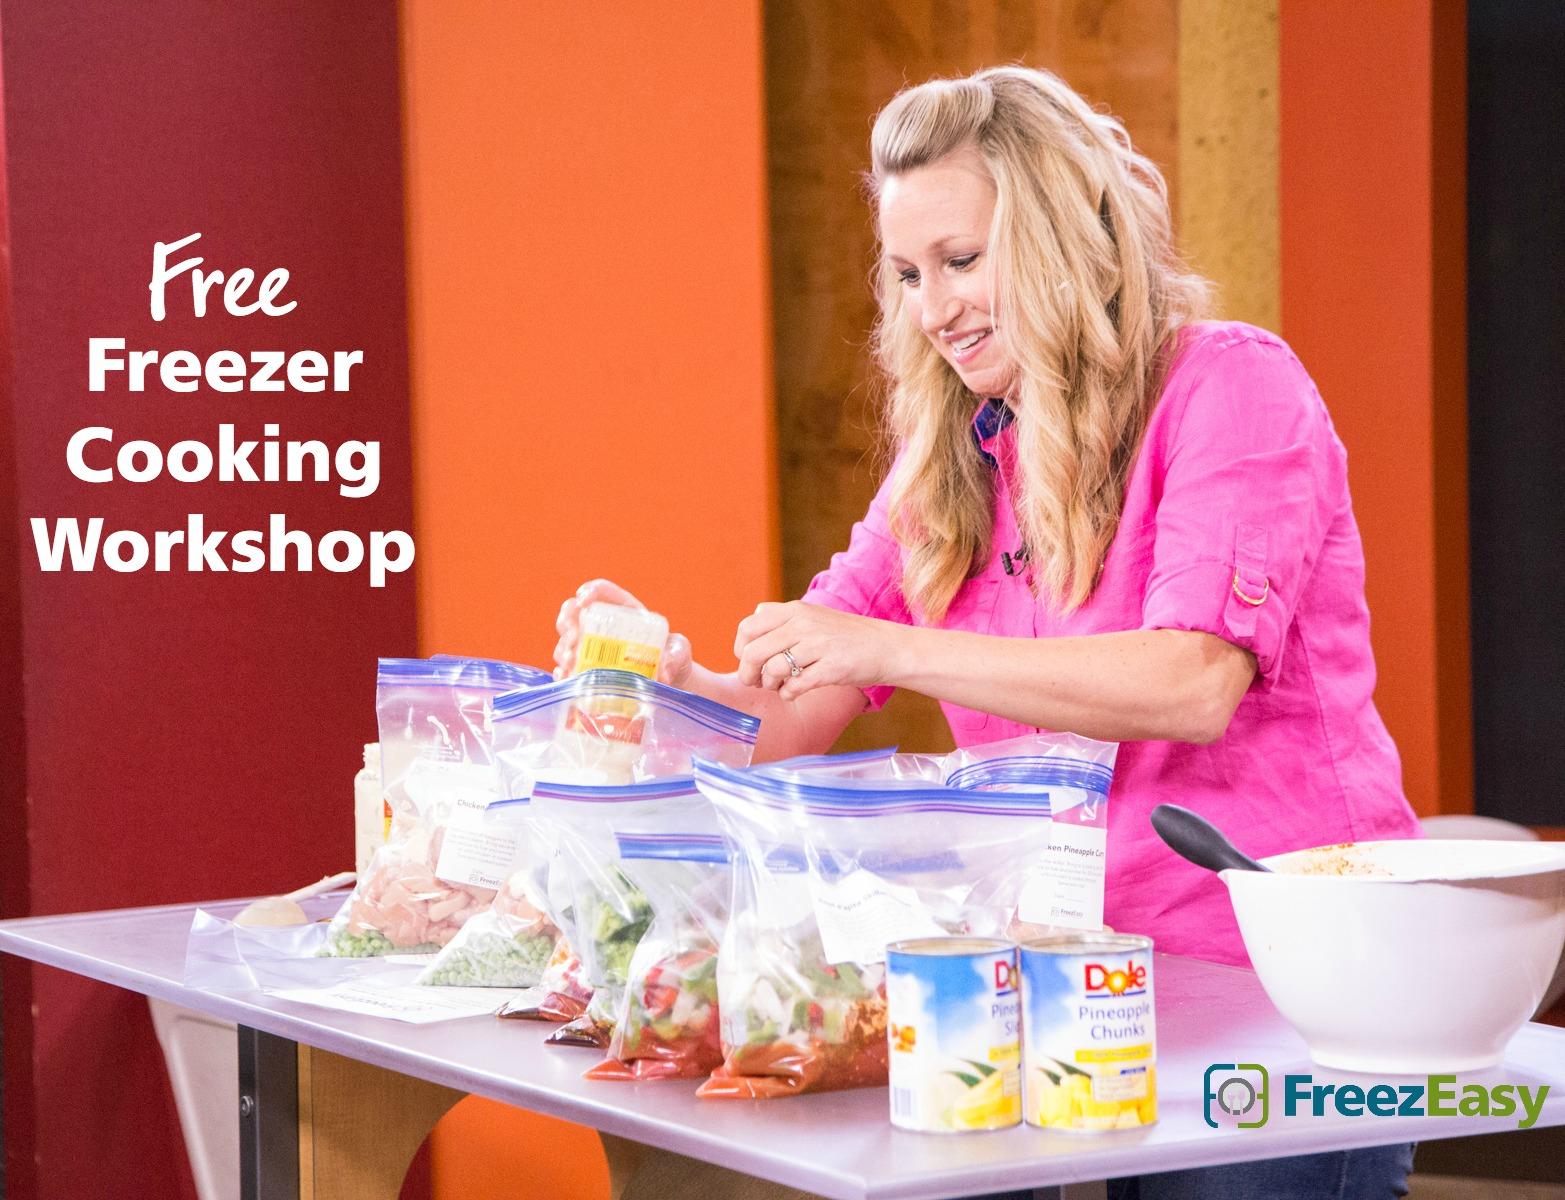 Freezer Cooking Workshop